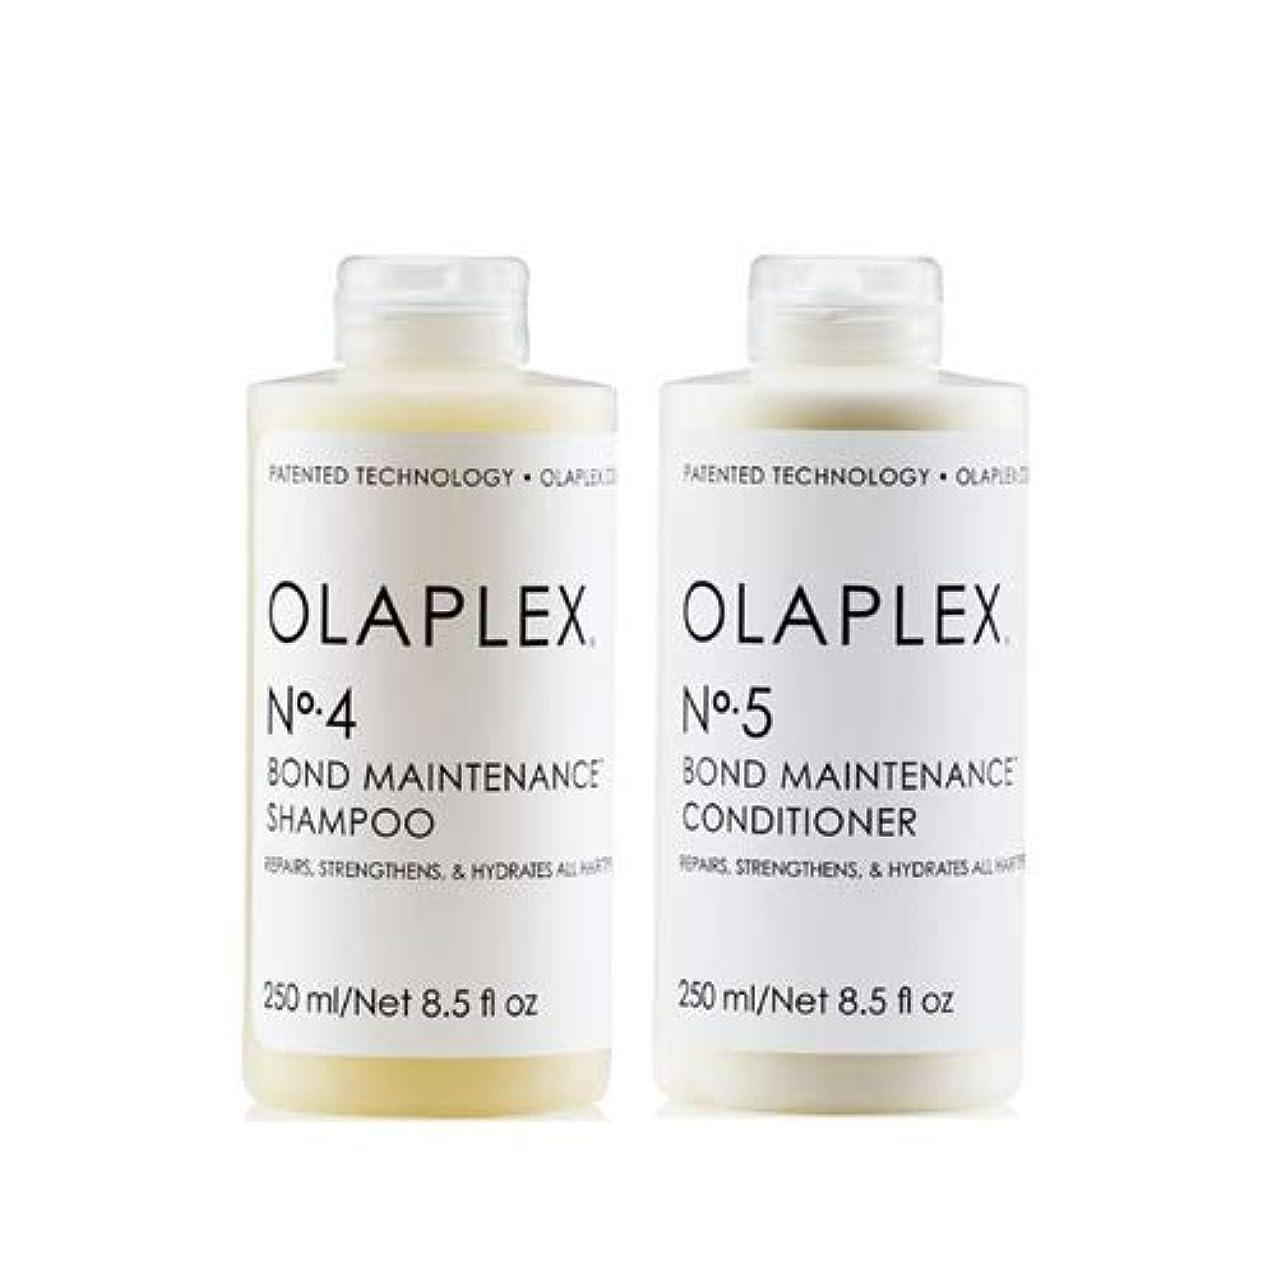 弱める火薬甲虫Olaplex オラプレックス No. 4 5 ボンド メンテナンス シャンプー&コンディショナー Olaplex Bond Maintenance Shampoo & Conditioner 【並行輸入品】